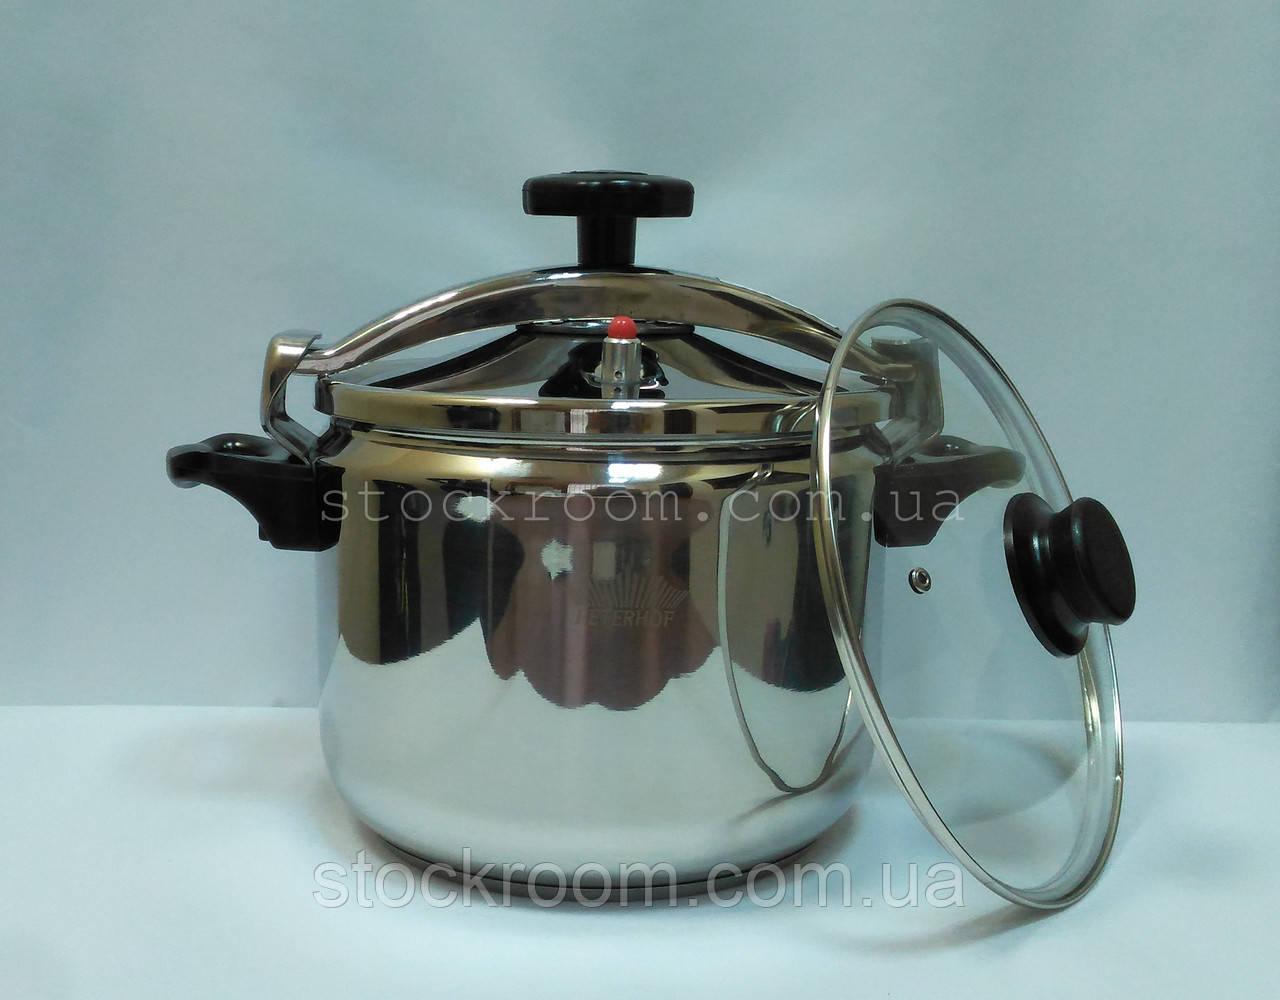 Скороварка  PETERHOF PH  15779 -10 из нержавеющей стали